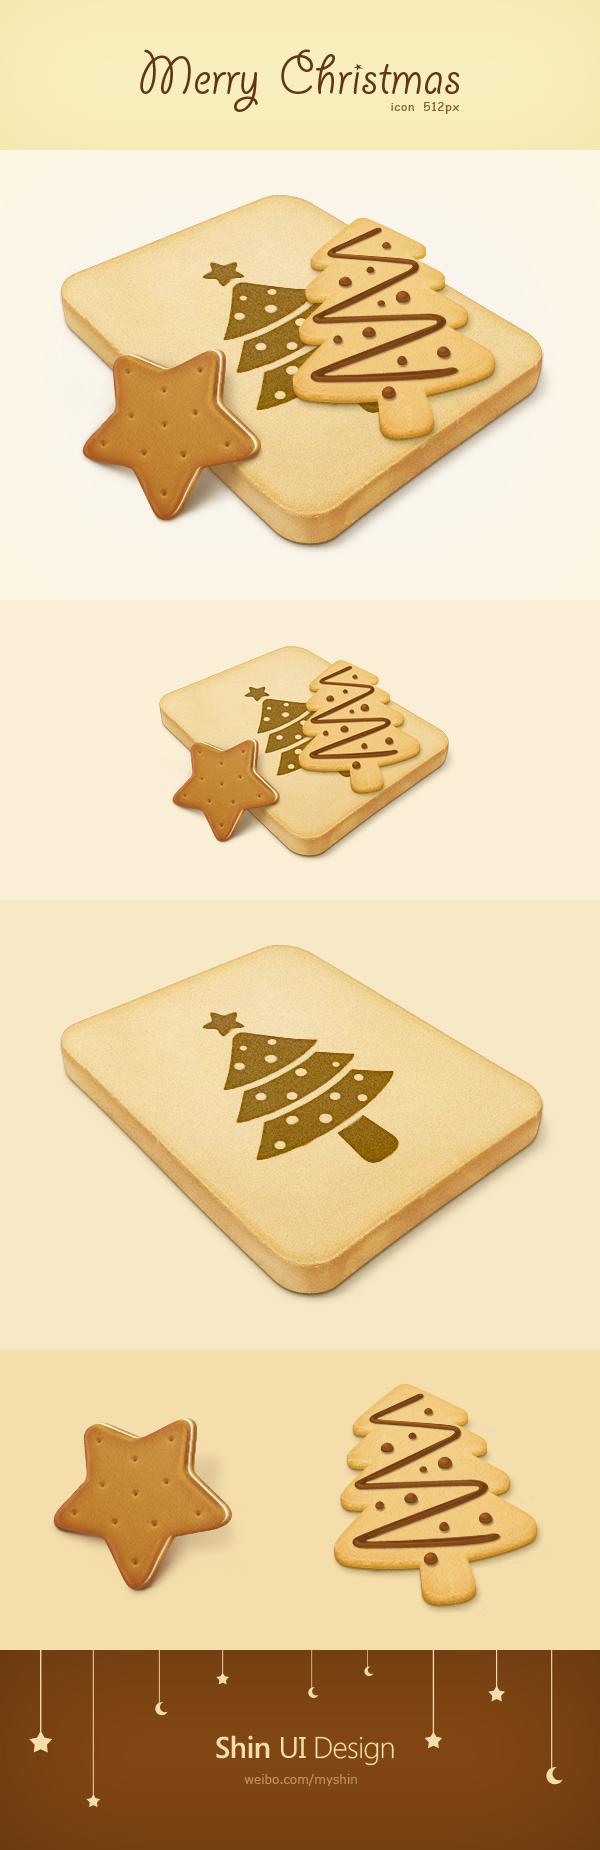 查看《圣诞~饼干~》原图,原图尺寸:600x1850